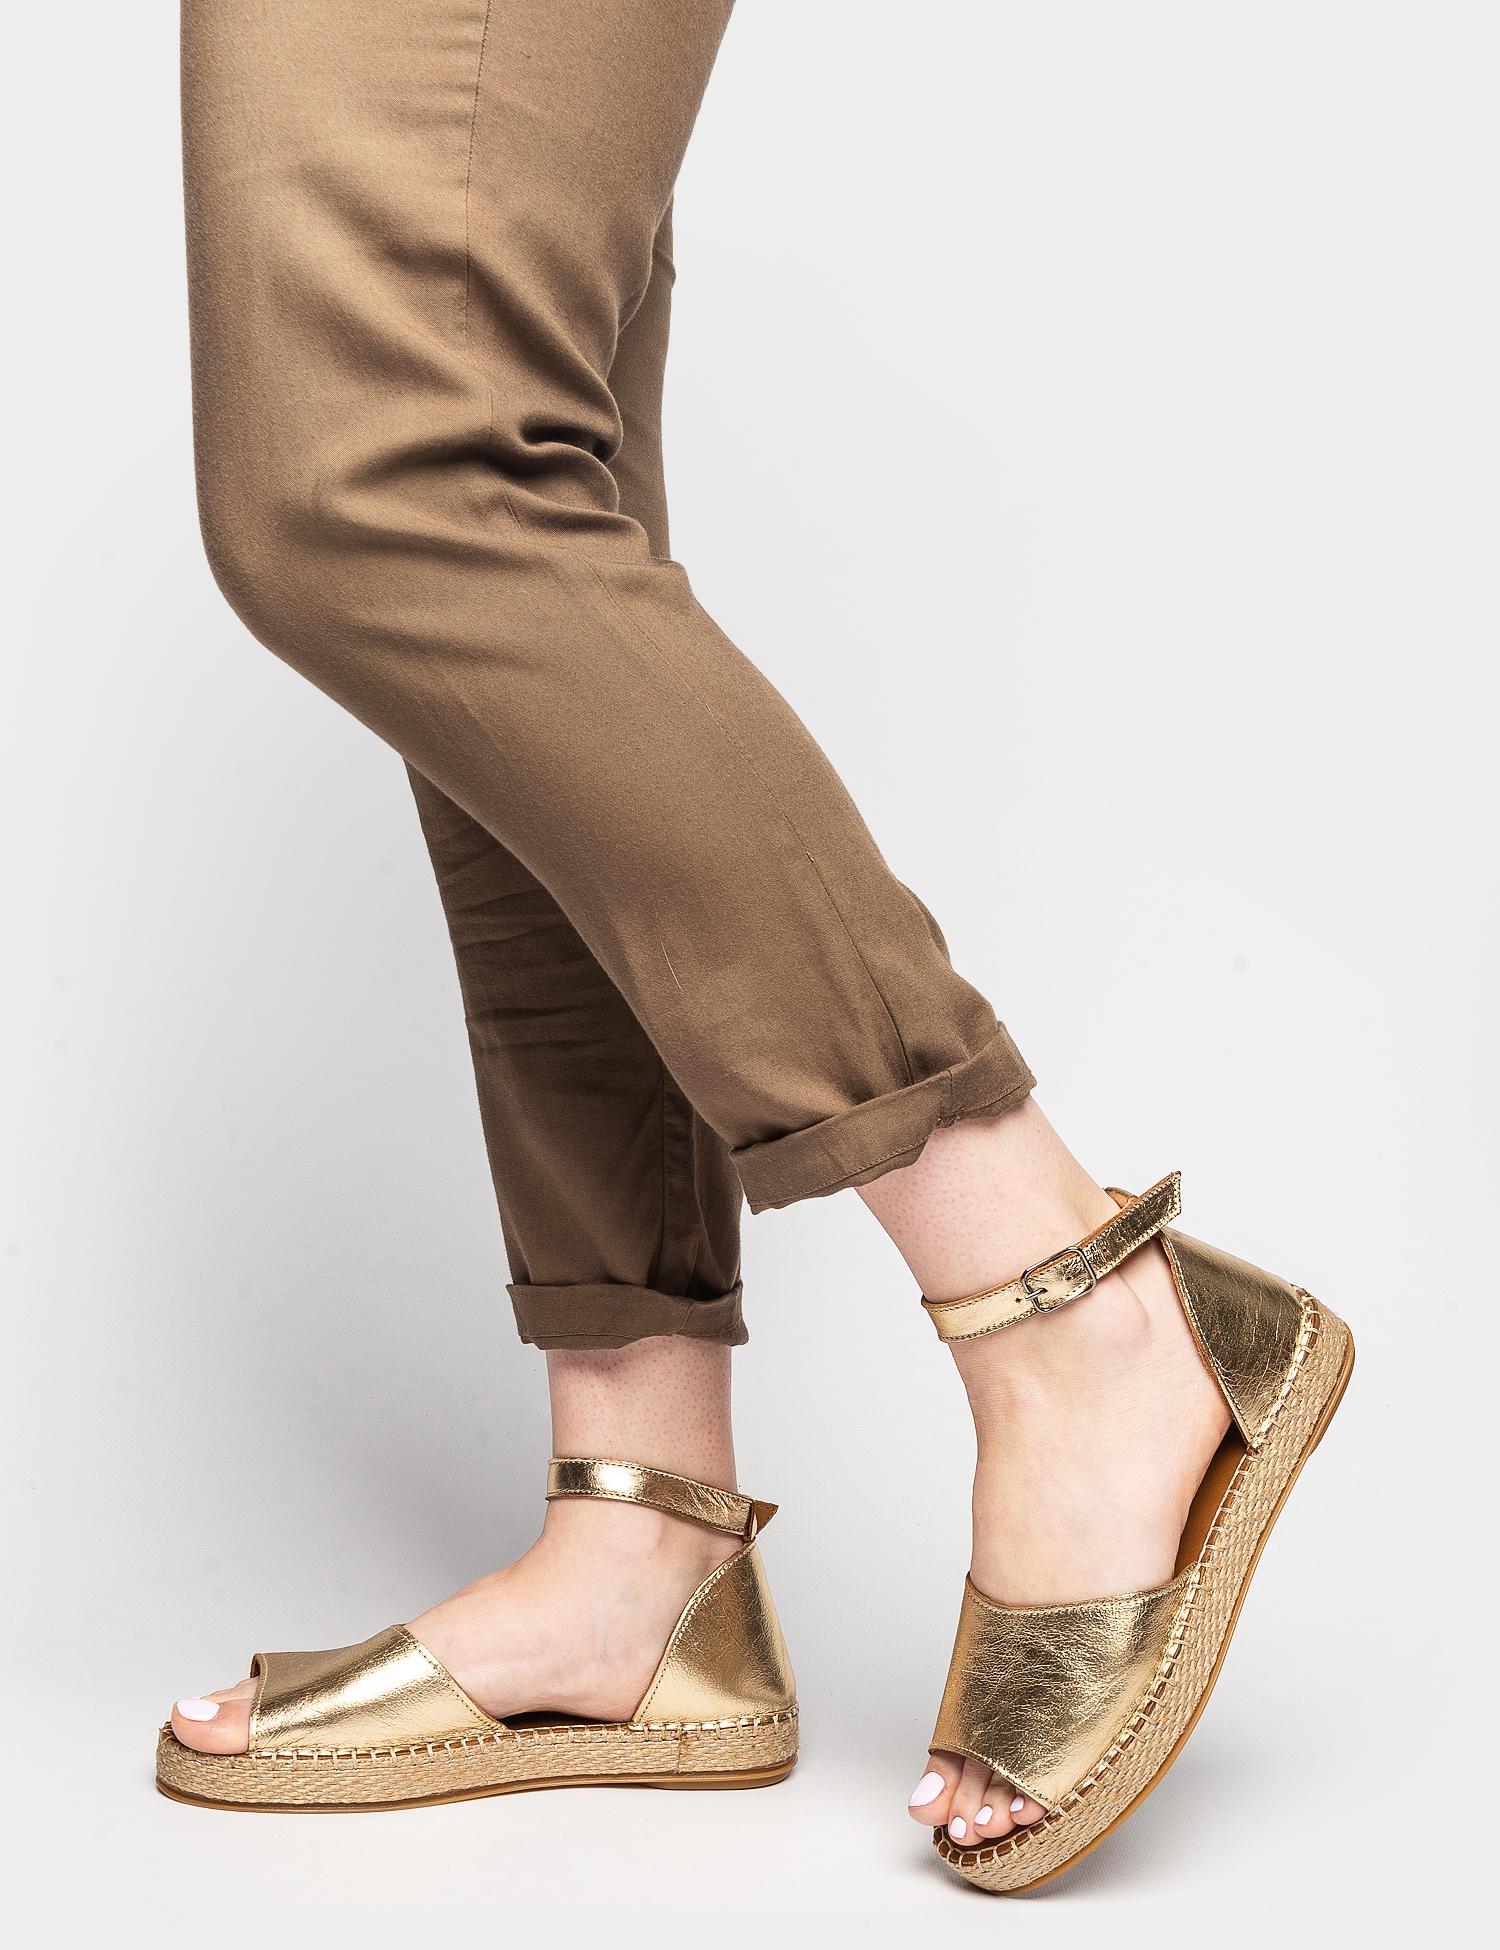 Сандалі  жіночі Сандали 609gold золотая кожа 609gold модне взуття, 2017